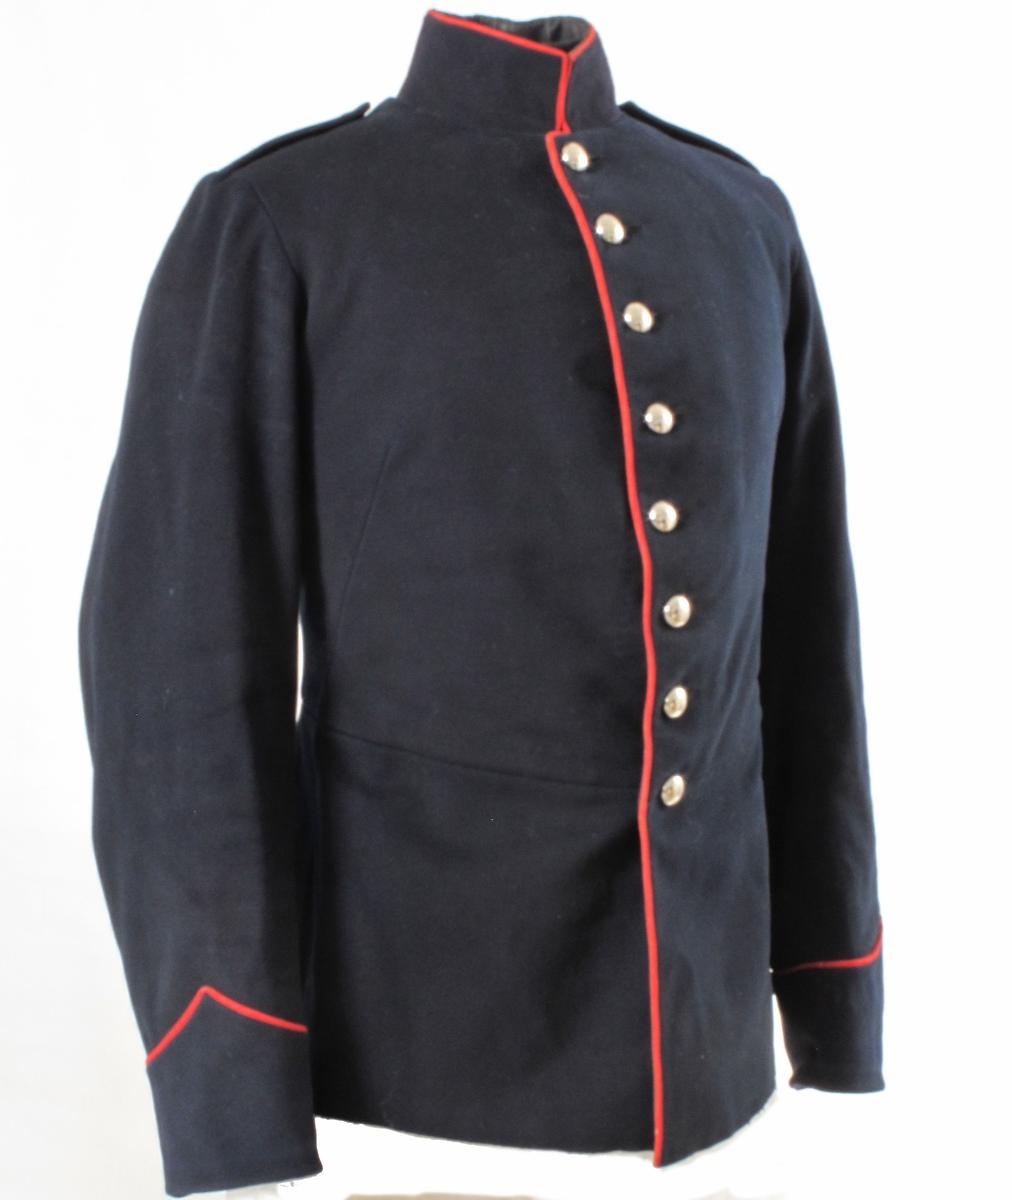 """Uniformsjakke, i marineblått klede, røde passepoils, enkeltknappet med 8 glatte """"sølv"""" knapper, opprettstående,  høy krave, skulderklaffer, oppslag med rød  passepoil på ermet (menig uniform). Falske skjøter med  klaffer med røde passepoils, og 6 knapper i ryggen.  Sterkt stoppet  i brystet. Innv. foret med smalstripet sort  bomullstoff."""